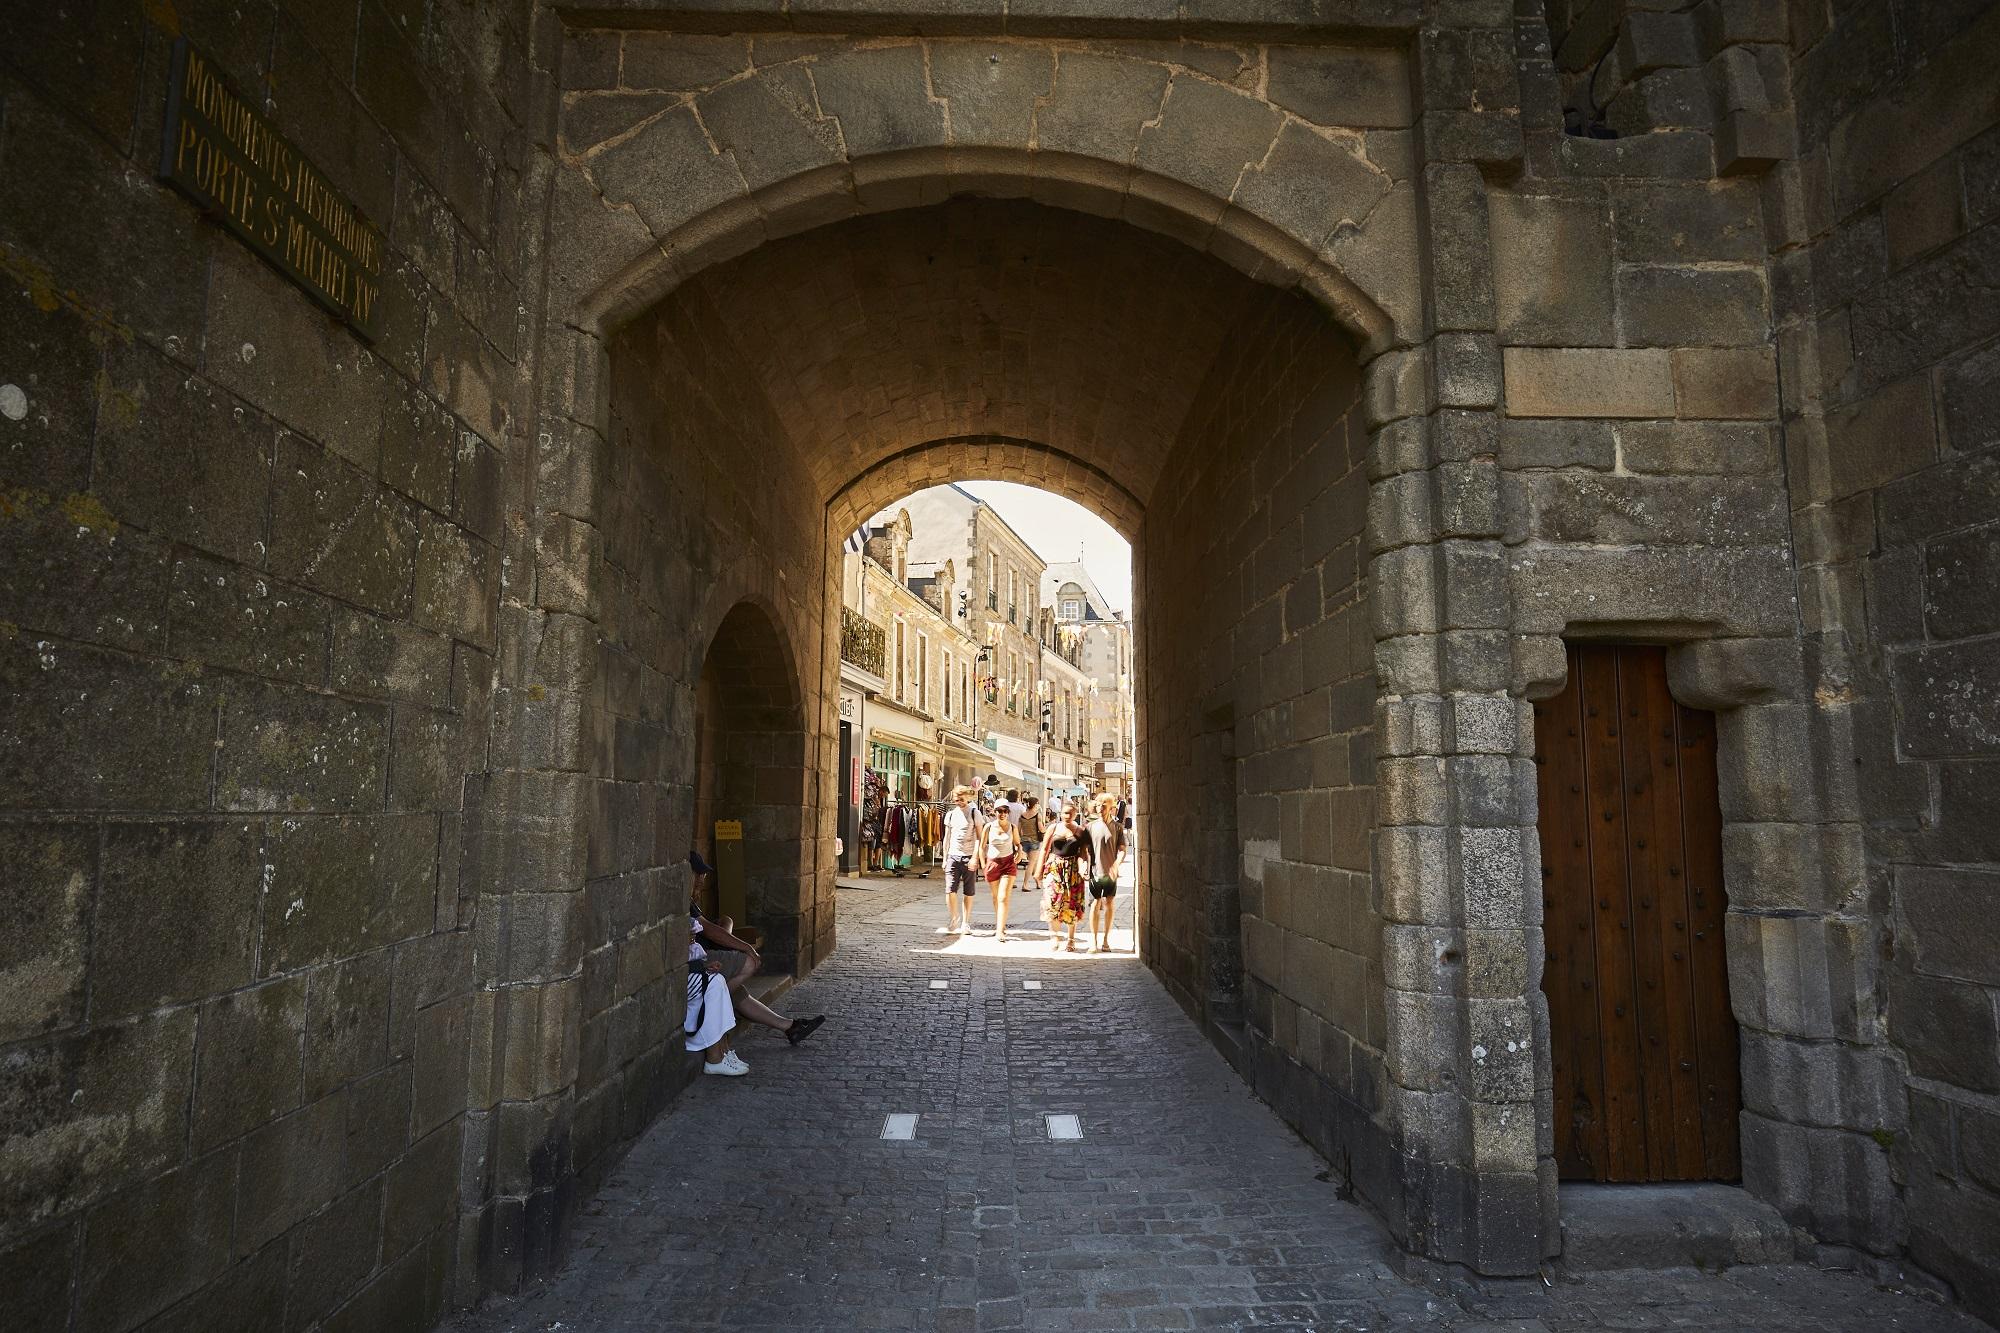 Cité médiévale de Guérande - Sous la porte Saint-Michel - Alexandre Lamoureux - © Alexandre Lamoureux